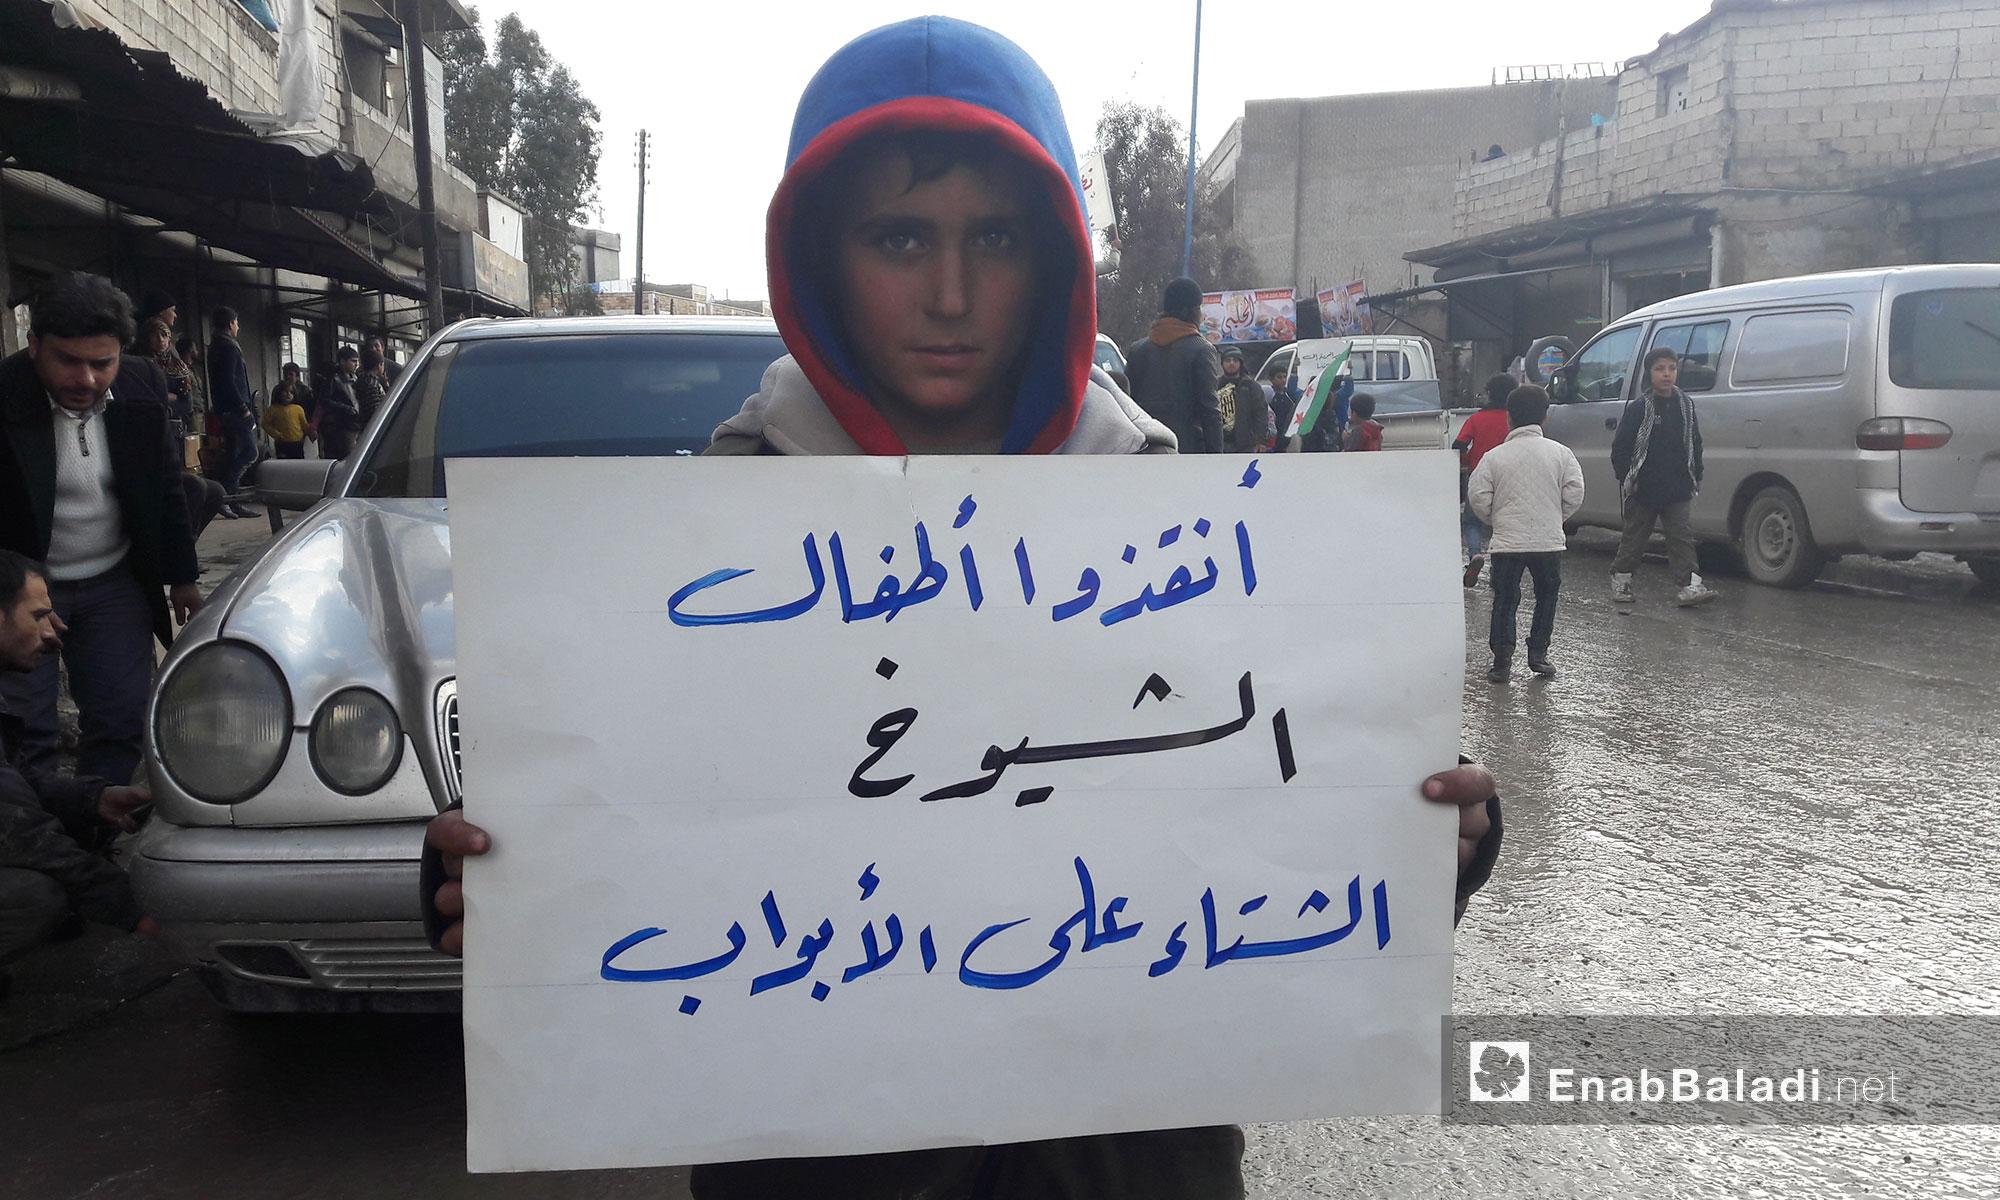 كما نادوا بإسقاط النظام السوري ورحيل كل الملشيات الأجنبية عن سوريا